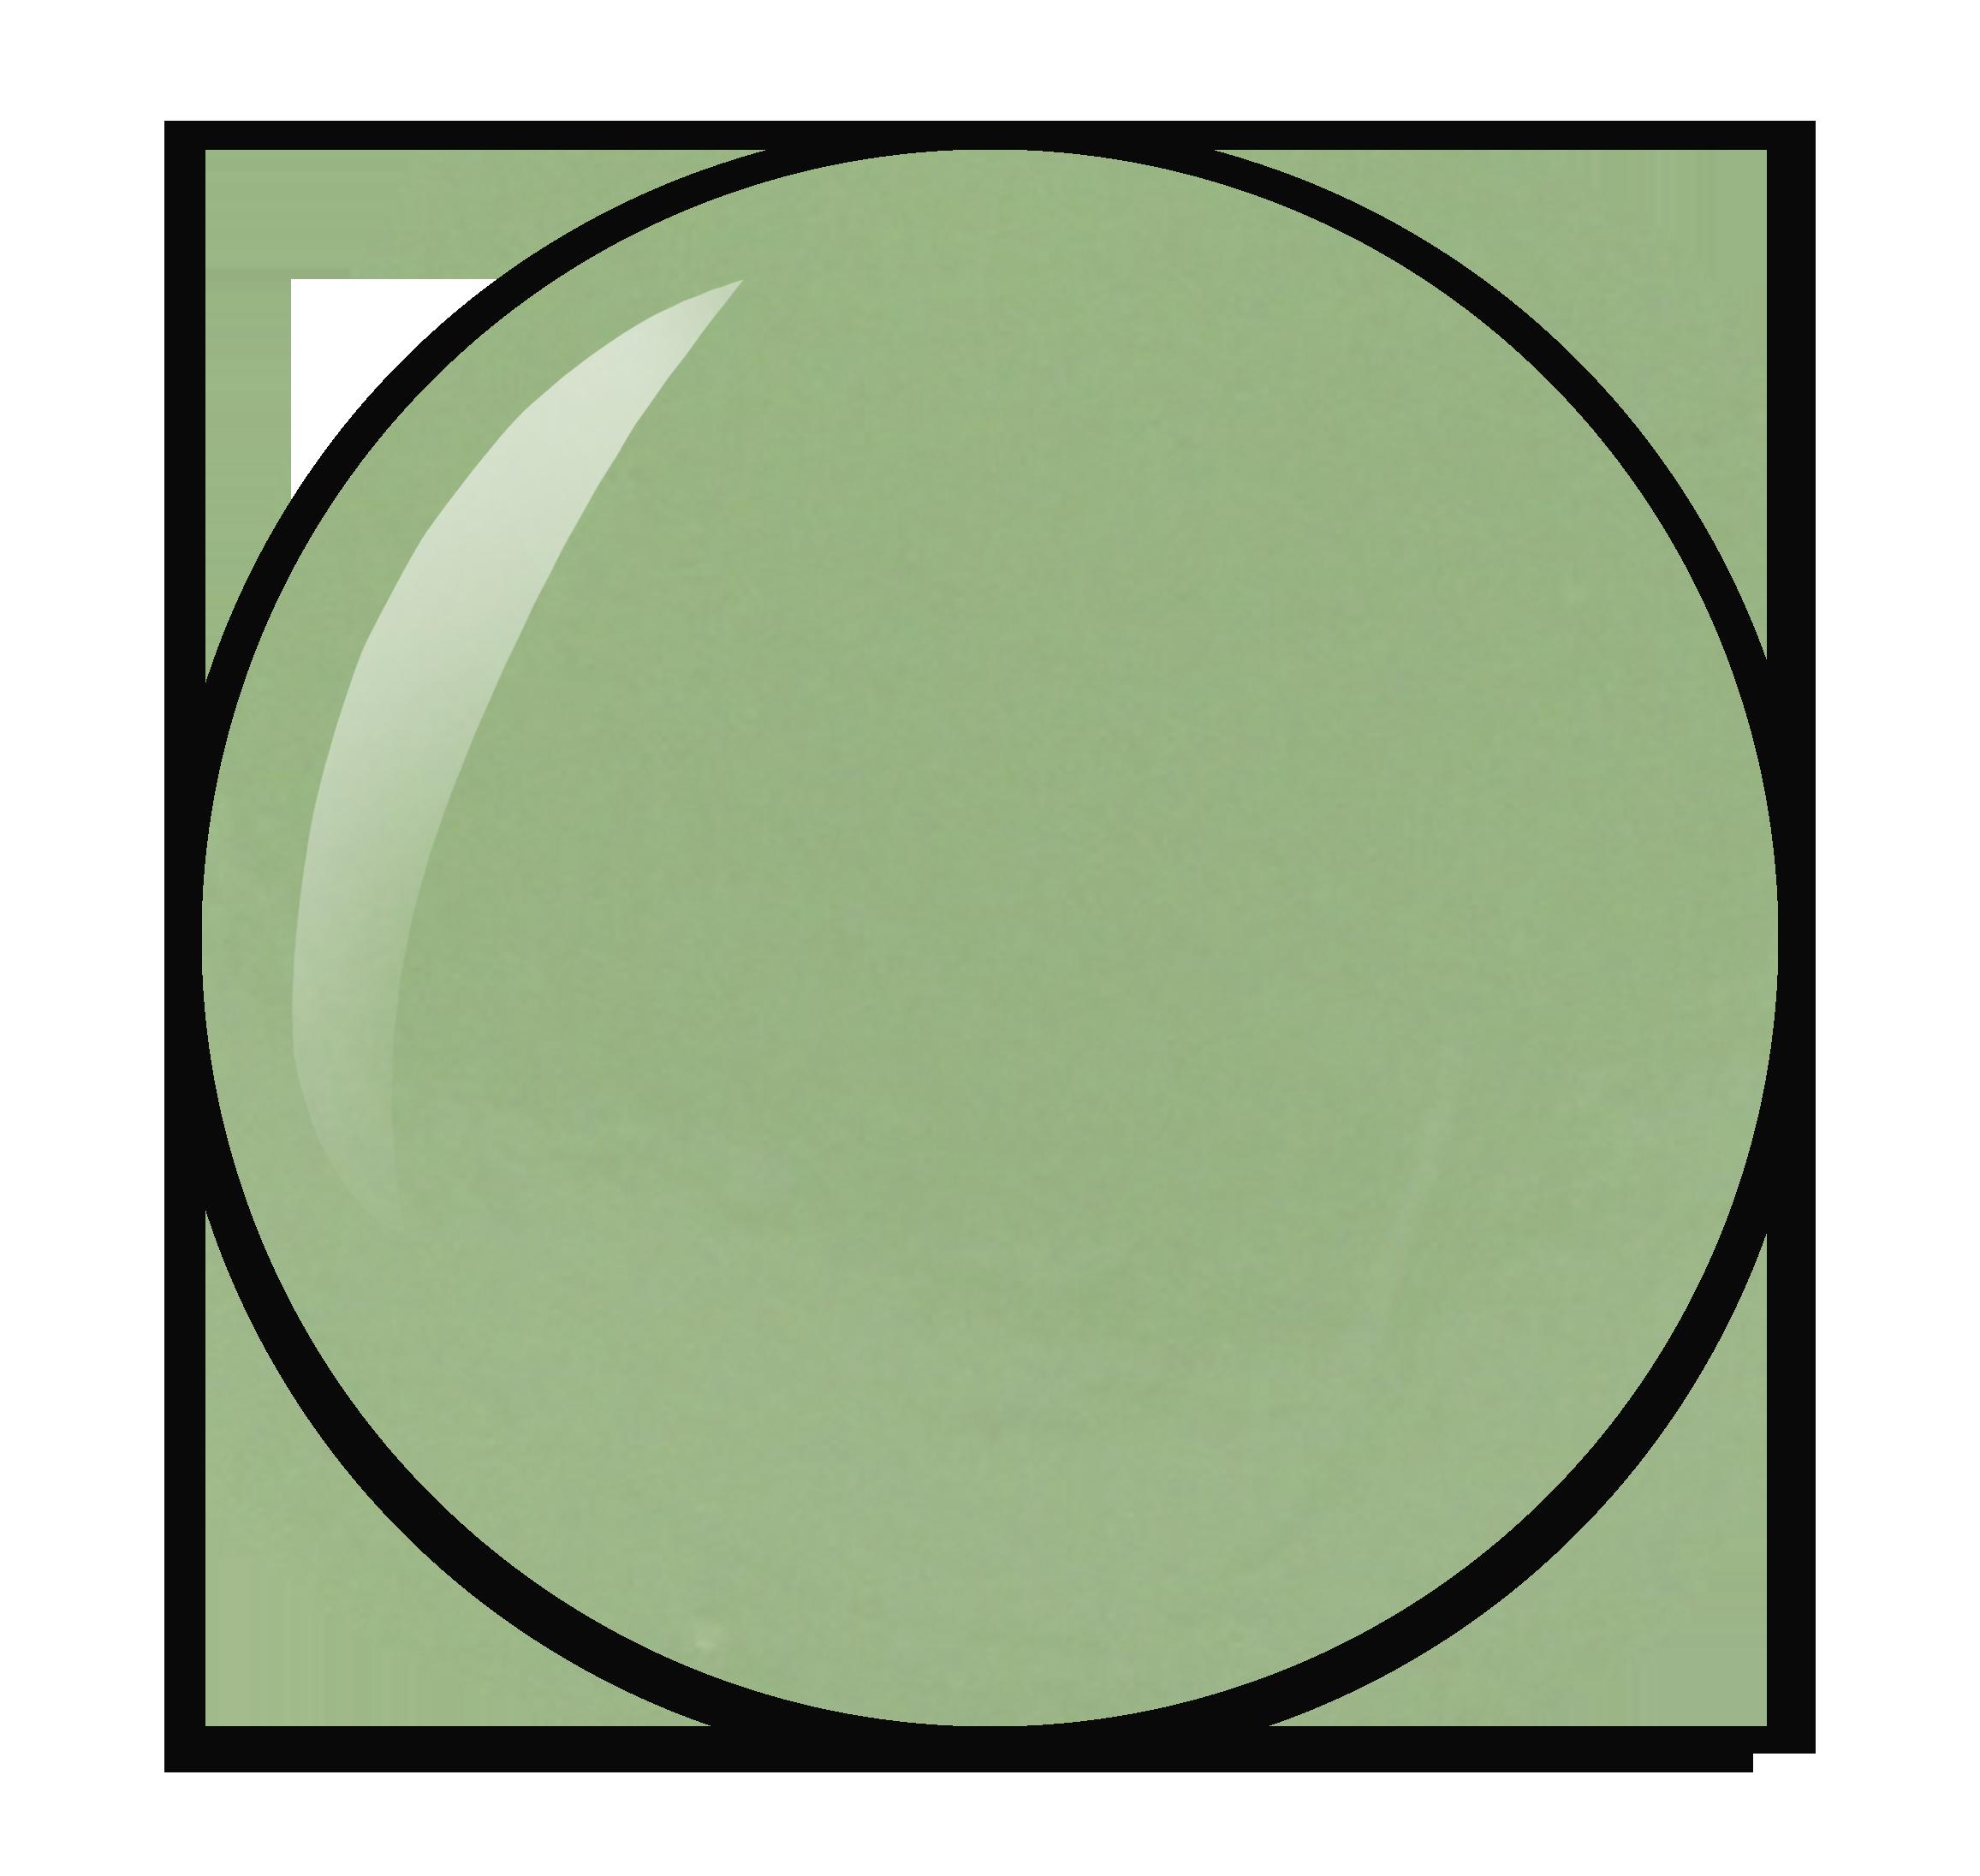 Pastel groen nagellak van Herôme